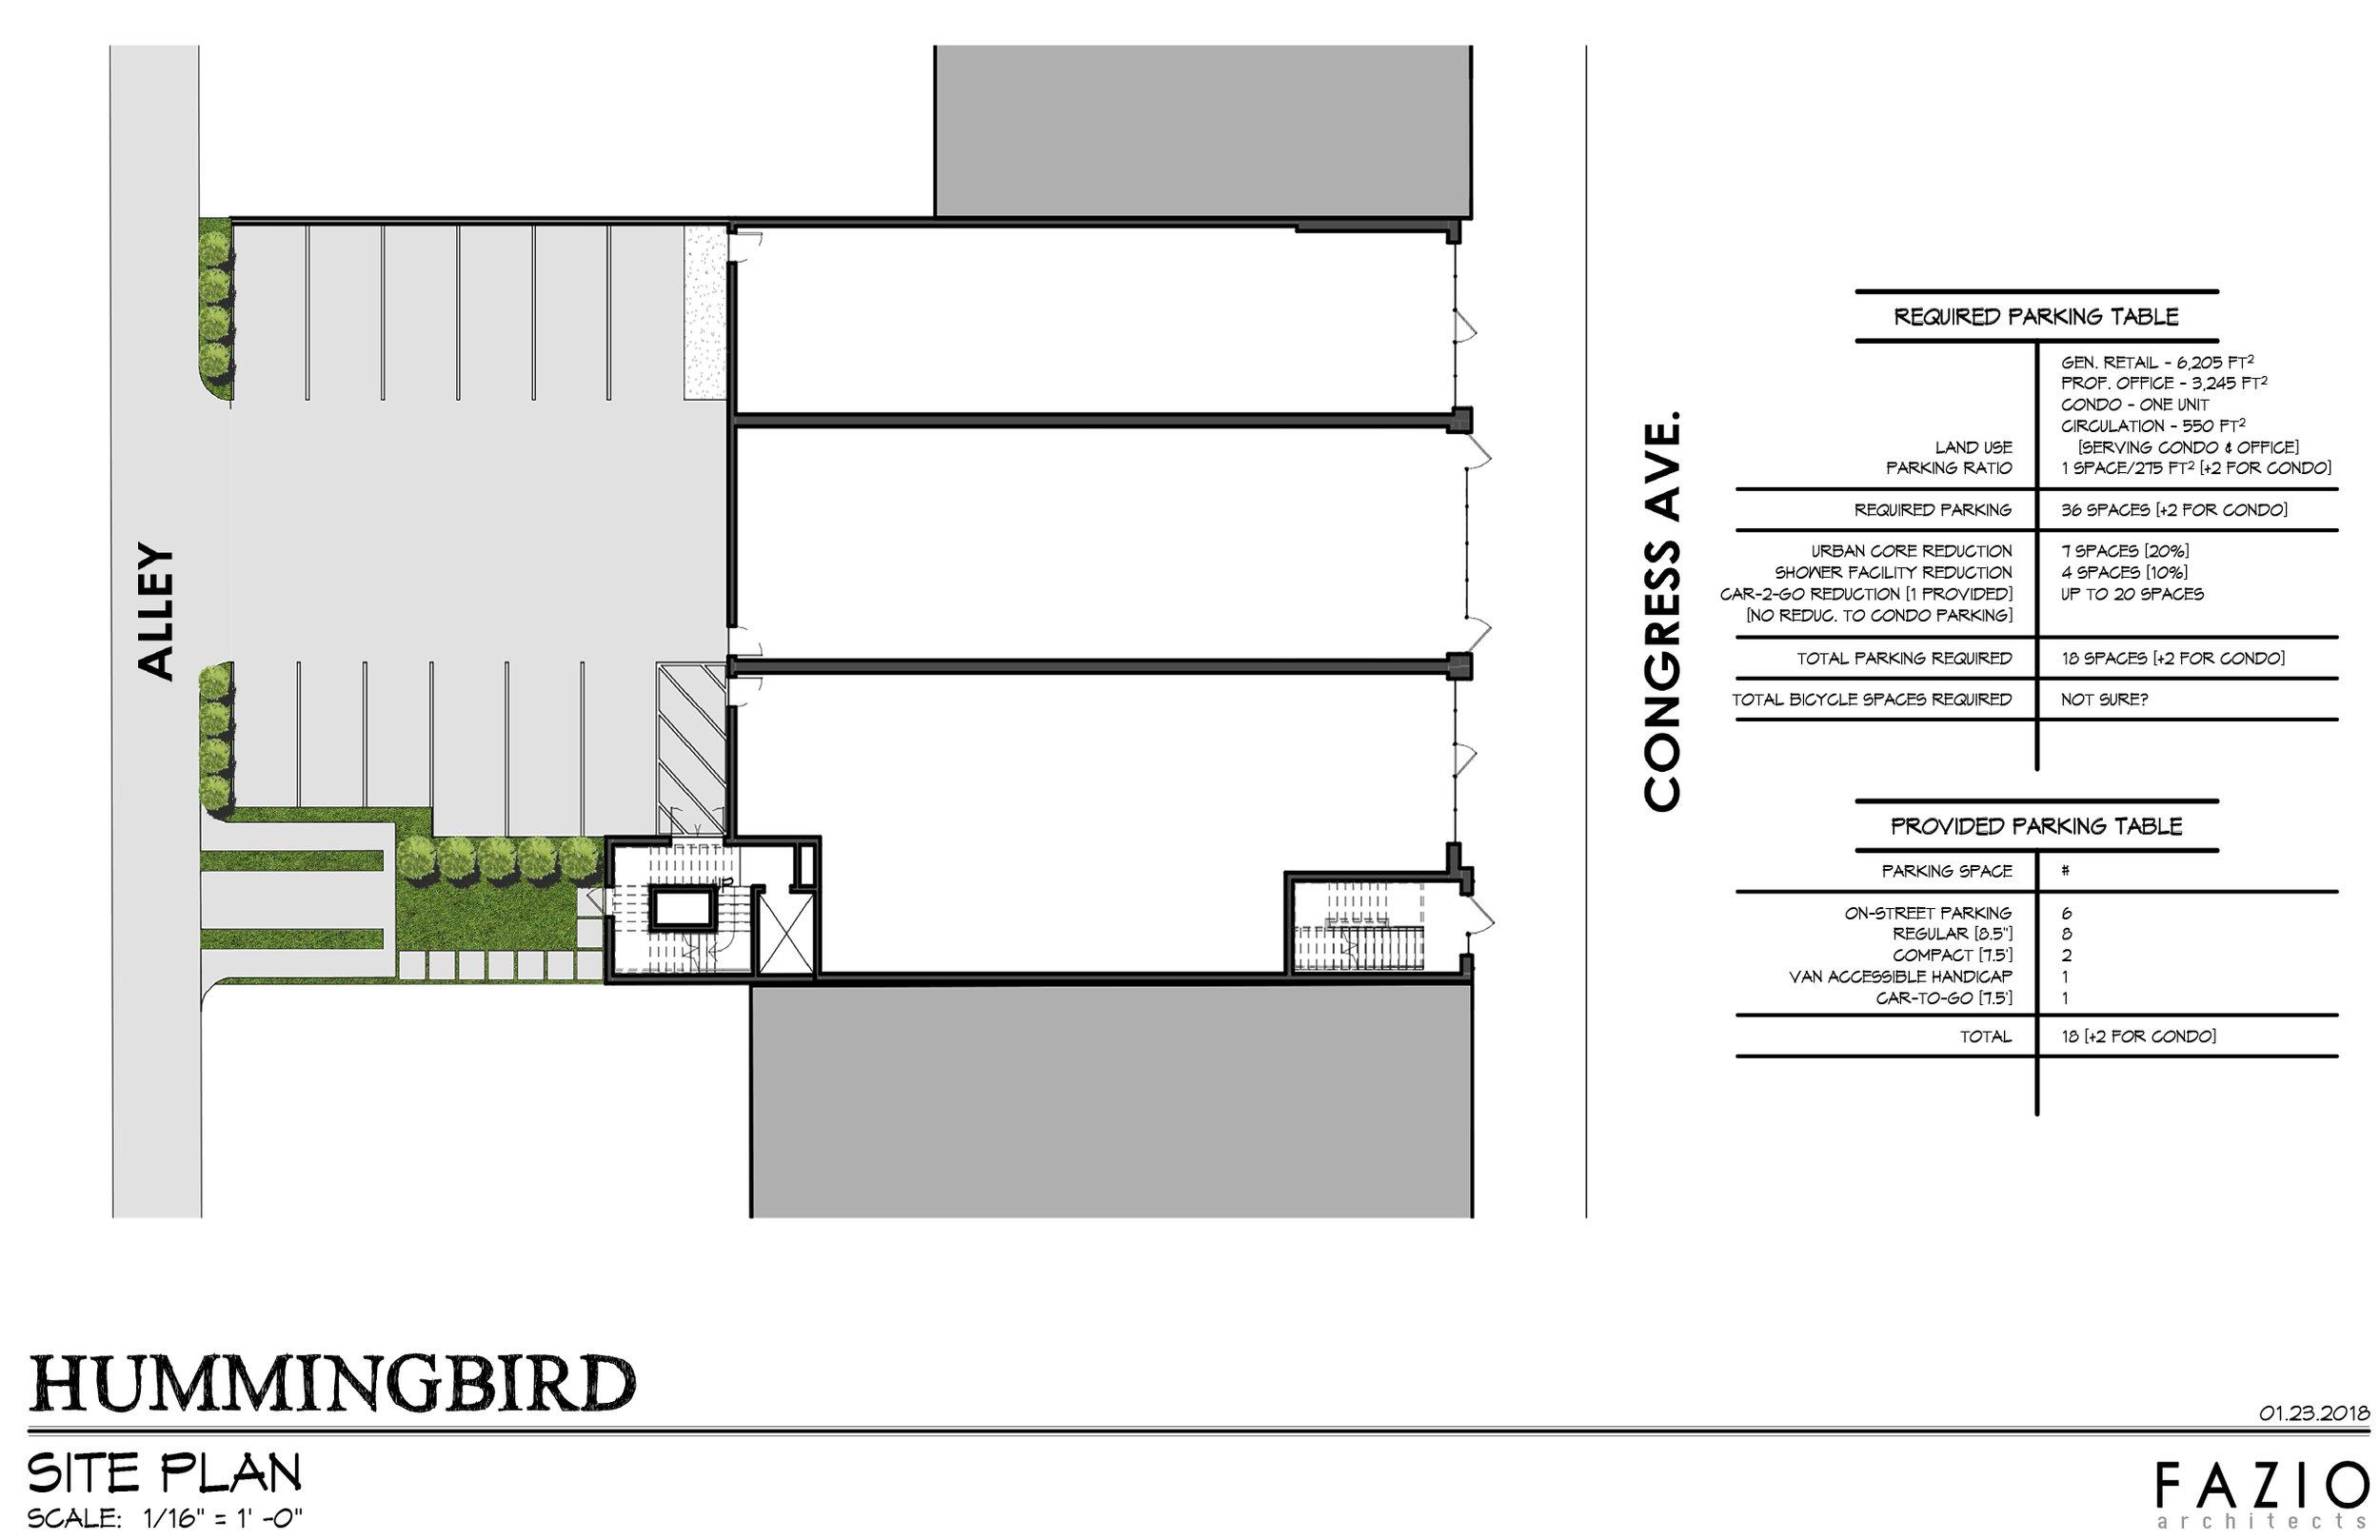 Hummingbird Site Model - A101 - RENDERING-2.jpg